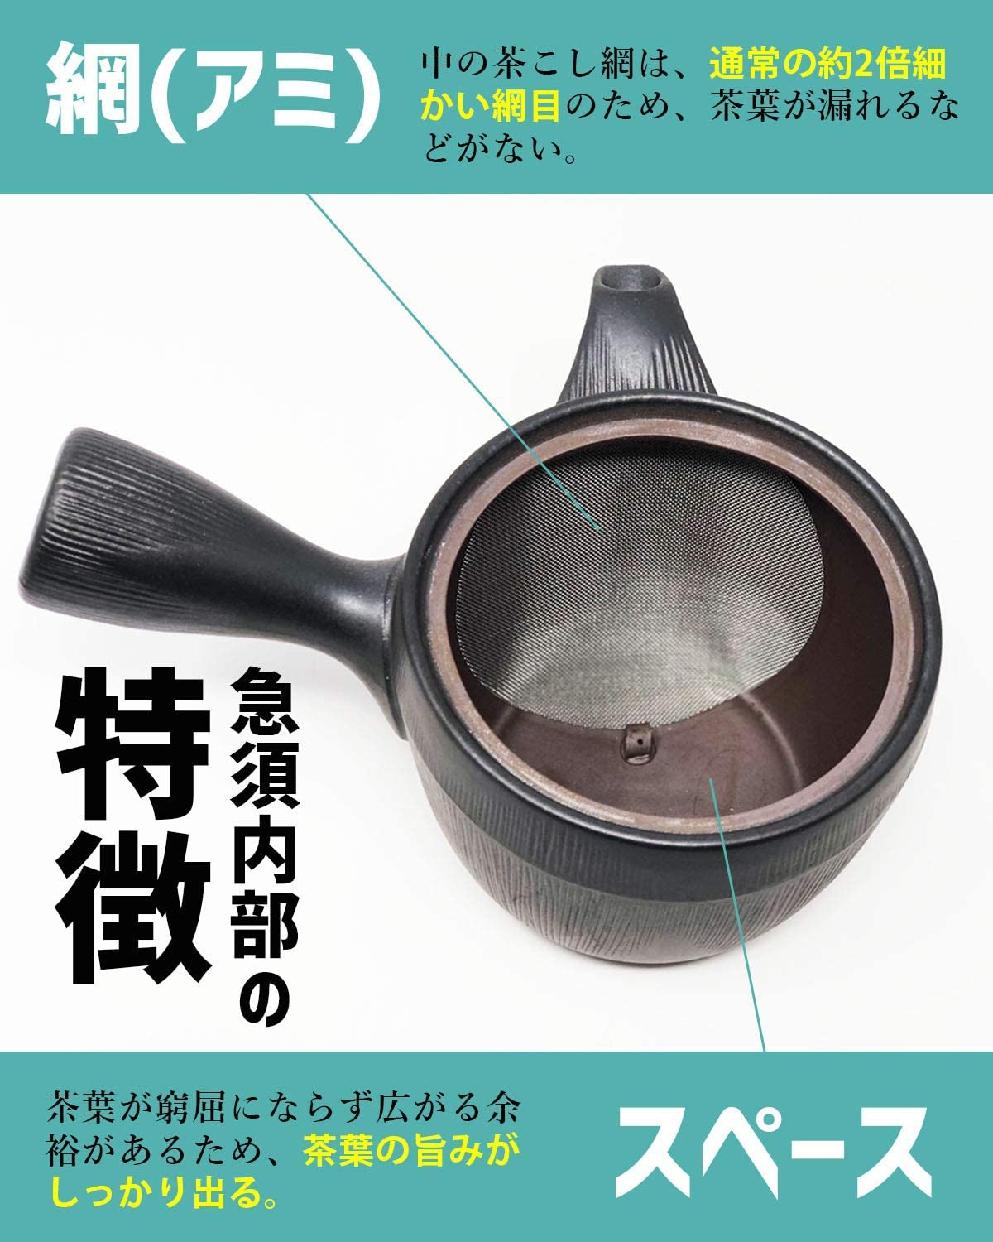 きつさこ 味がまろやかになる 湯キレ急須 萬古焼き 黒の商品画像7